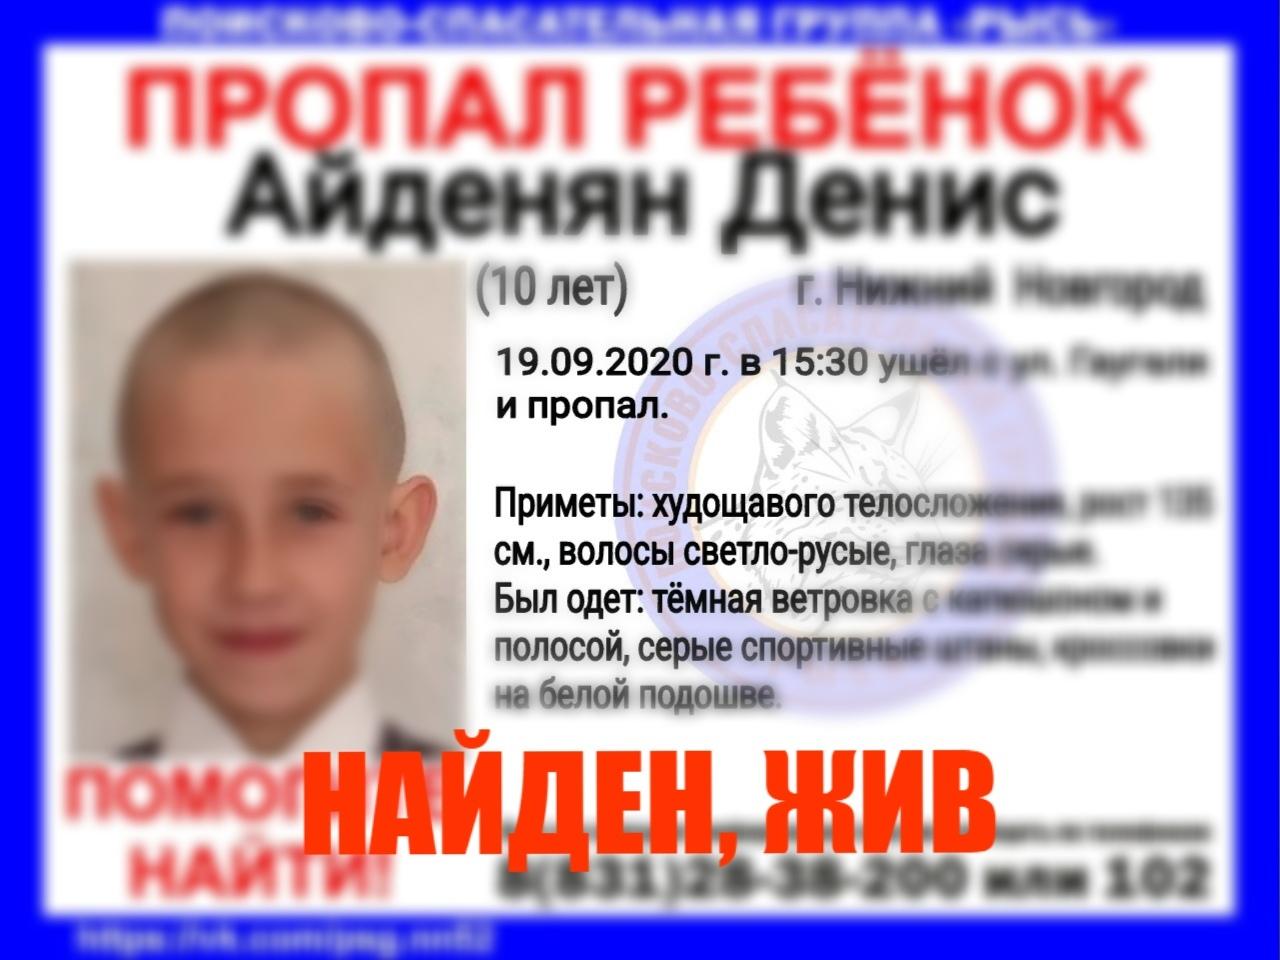 Айденян Денис, 10 лет, г. Нижний Новгород